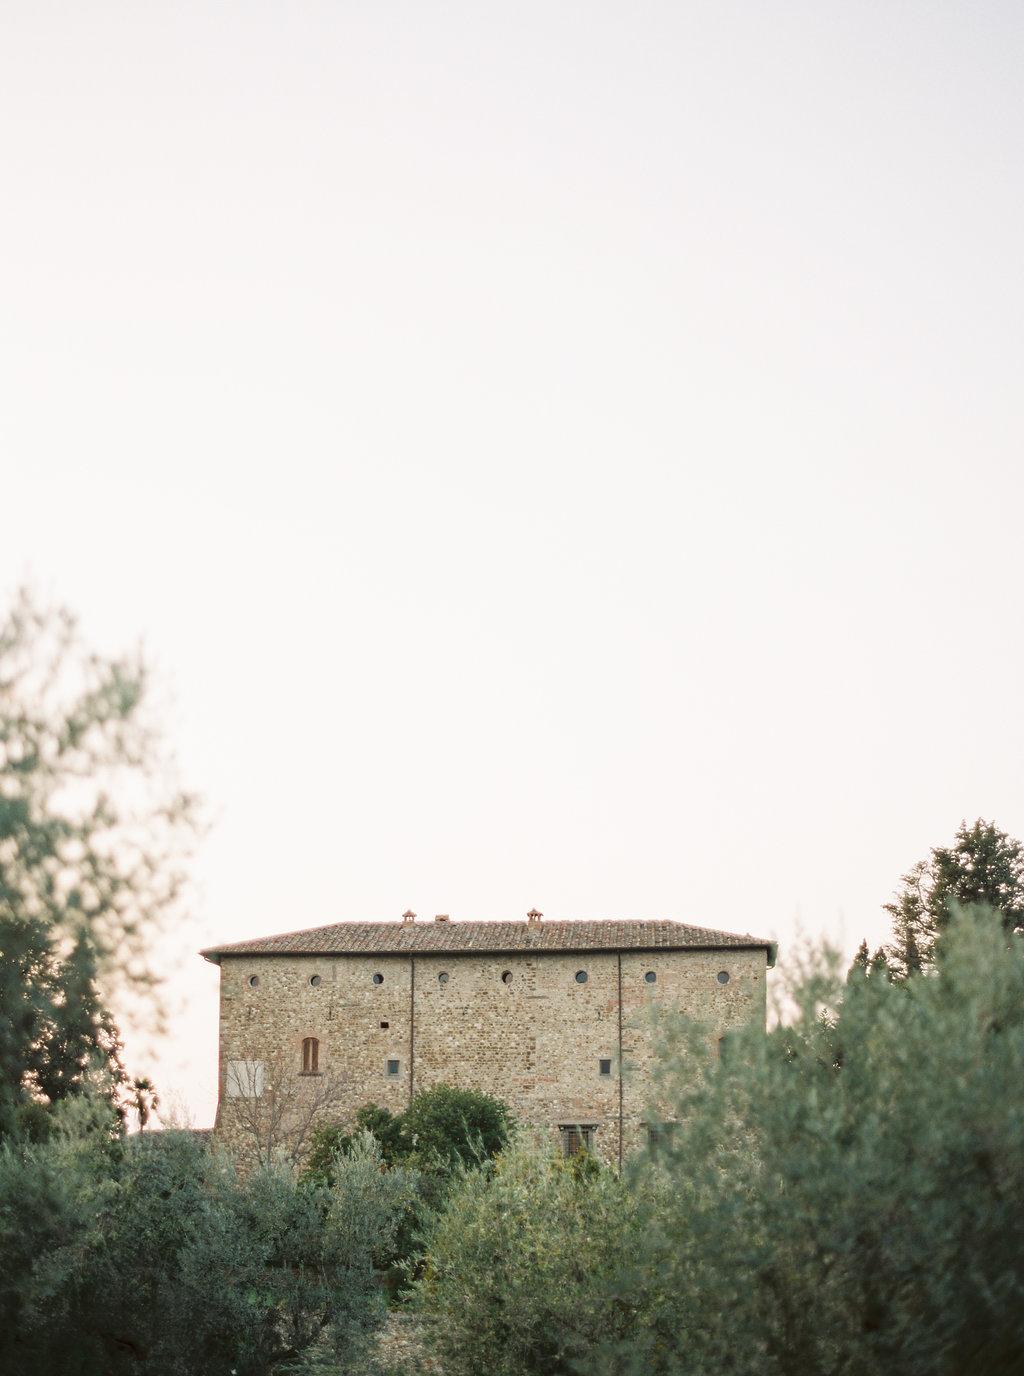 Castello-di-bibbione168